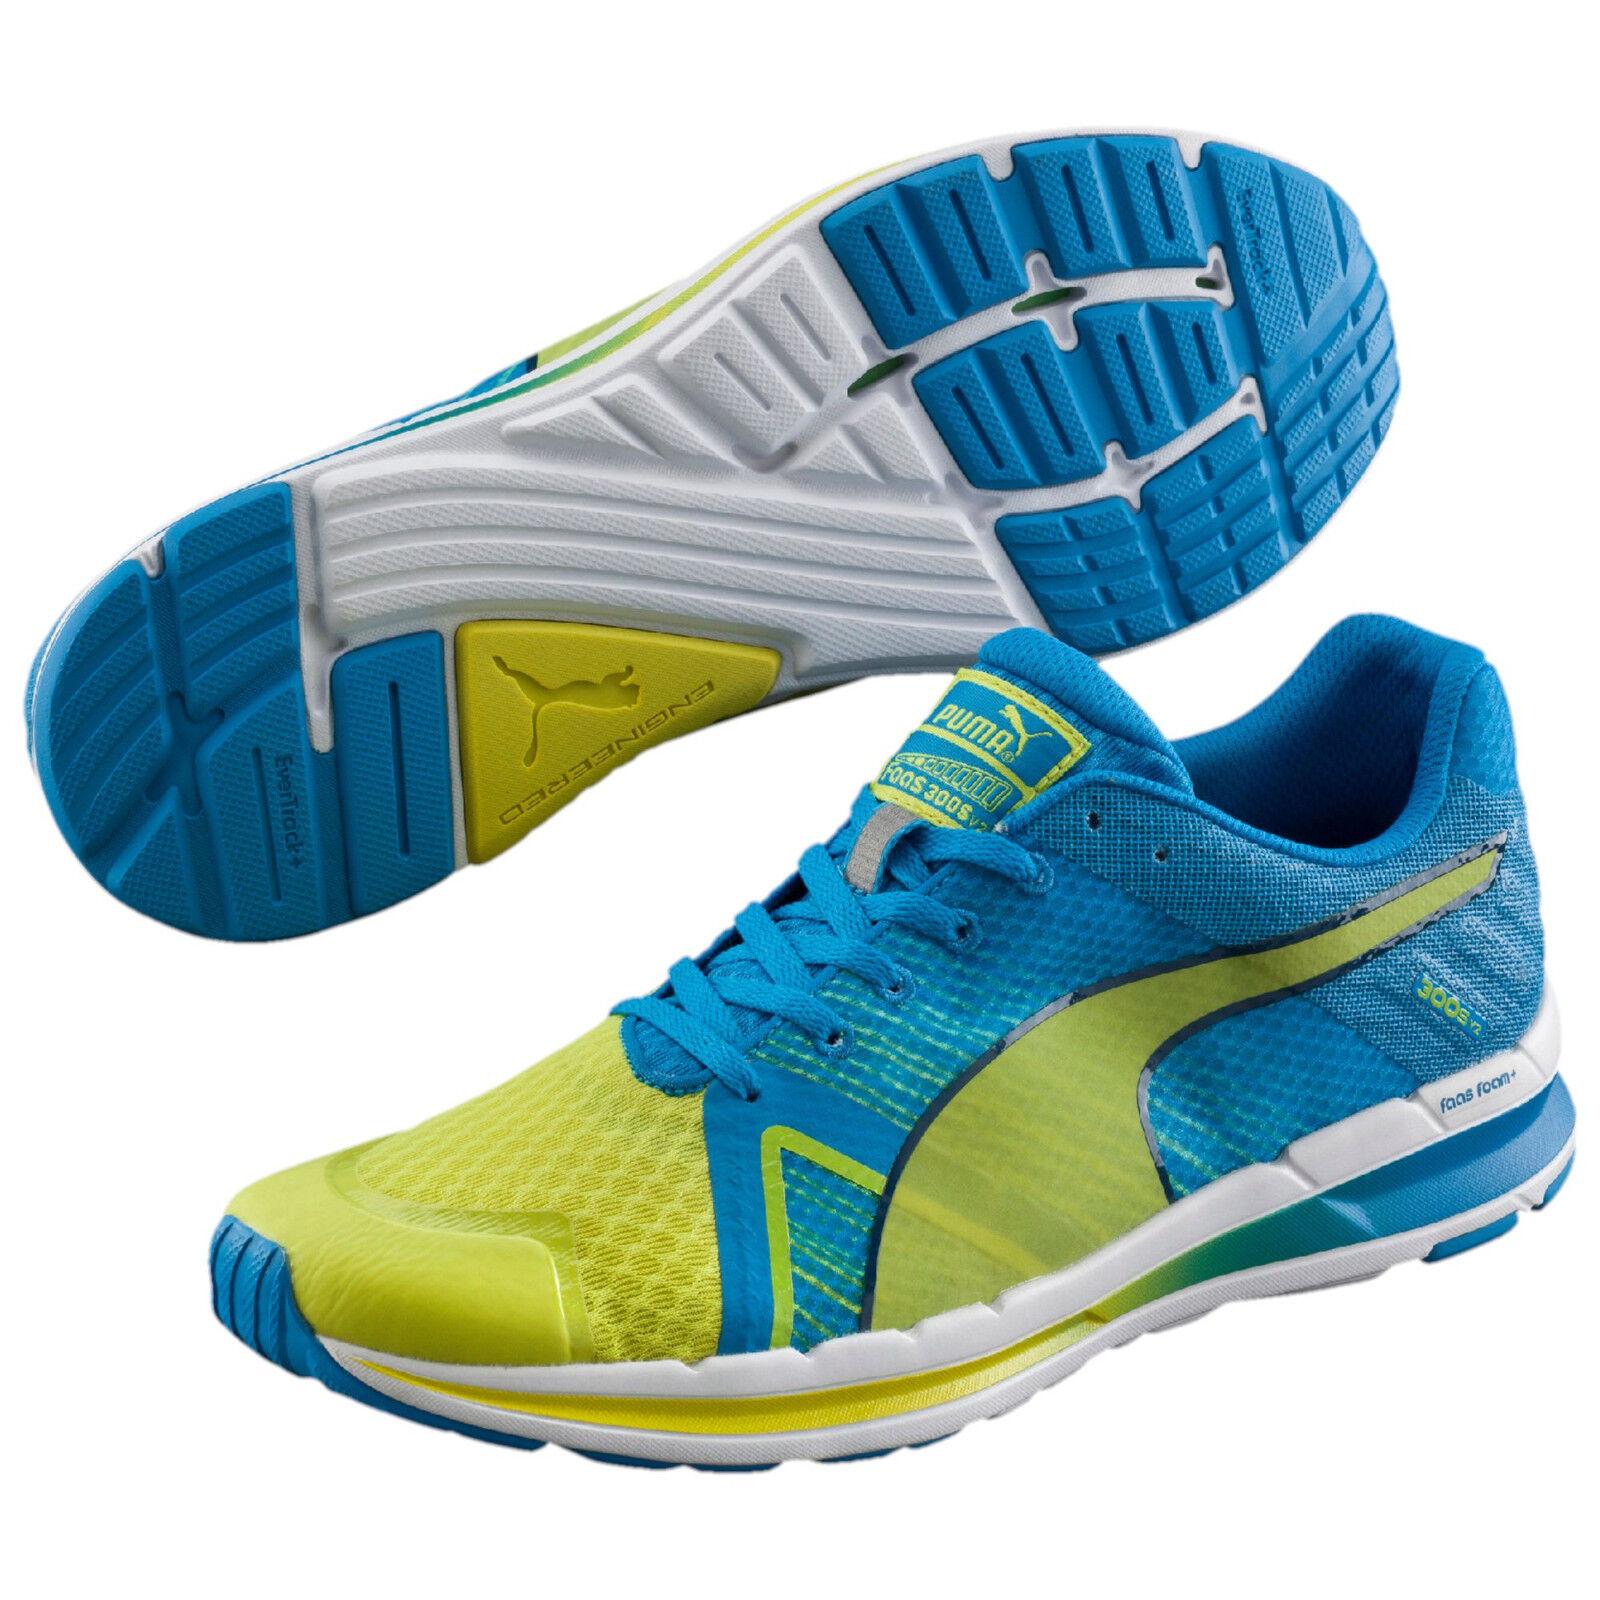 Puma Faas Faas Puma 300 S v2 hommes Running Chaussures 14a33a